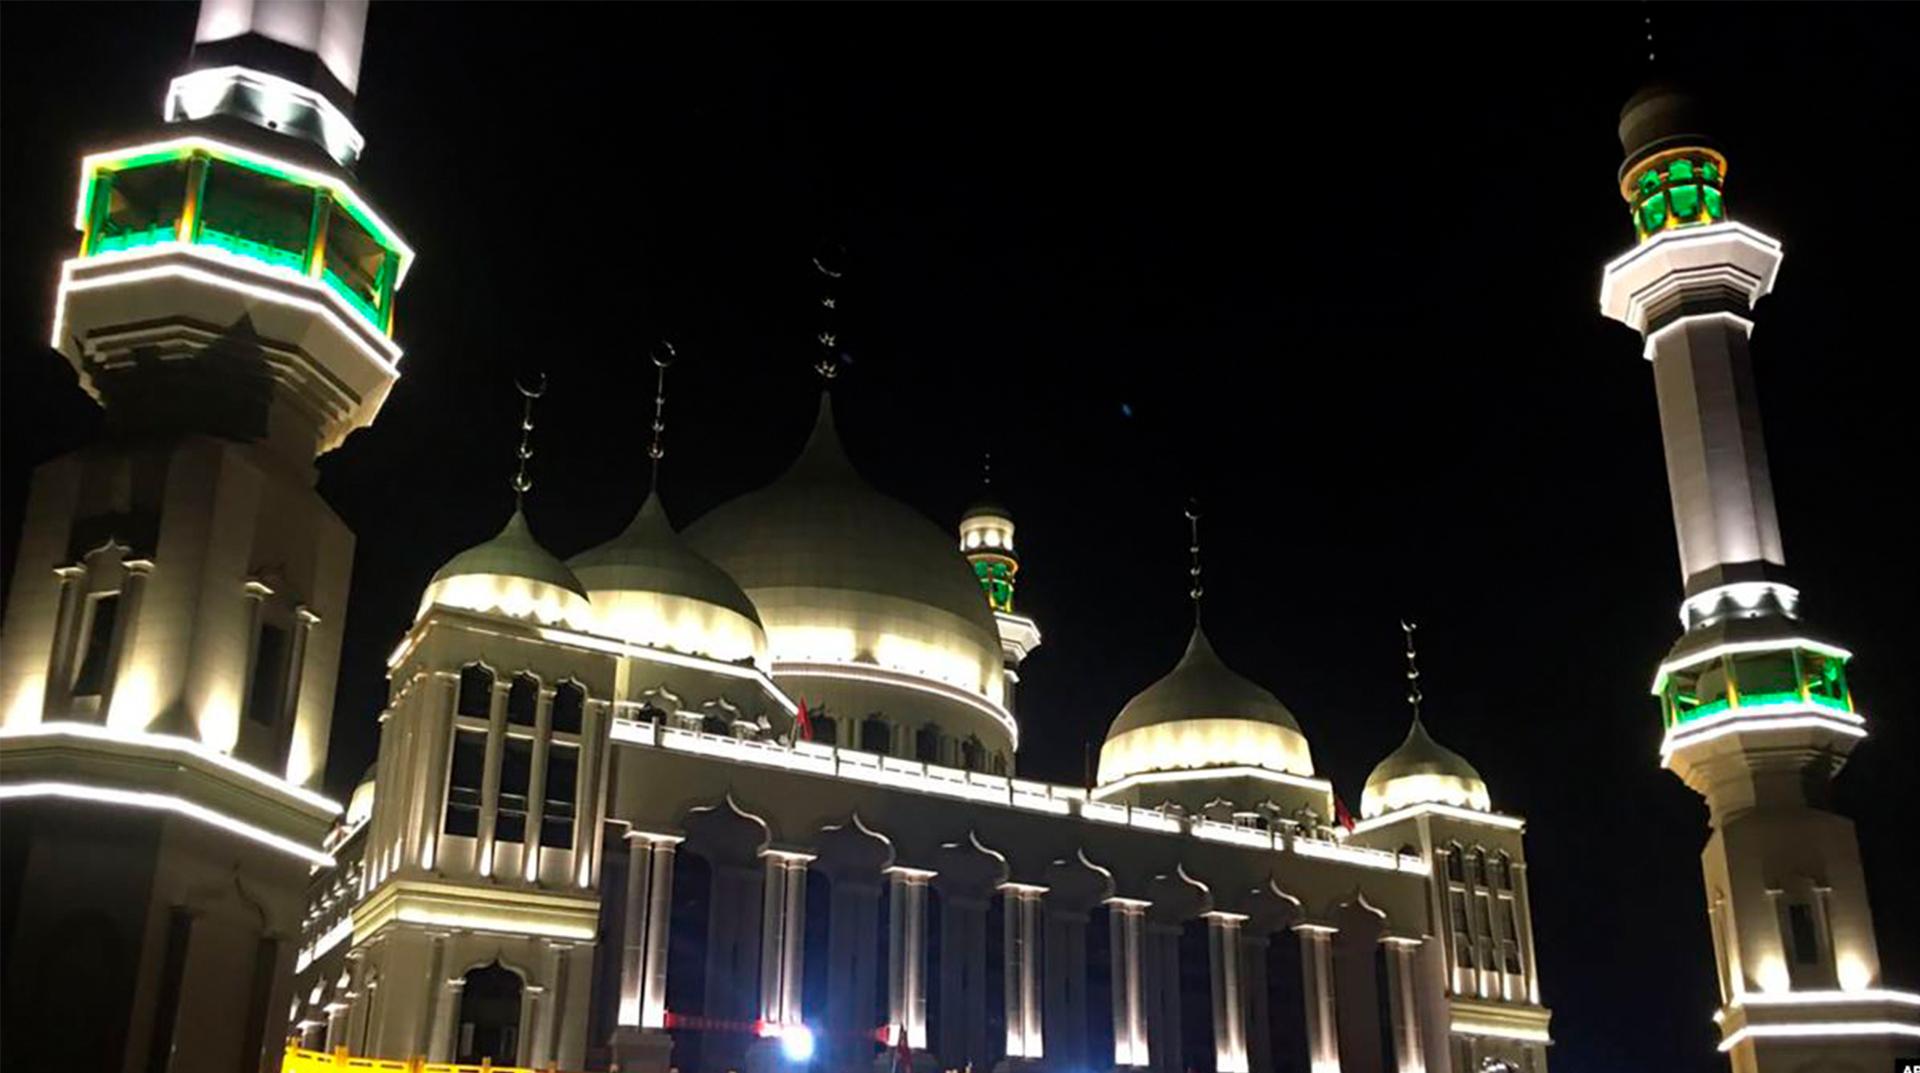 Camide Müslümanları Fişleme! Yüz Tanıma Sistemi